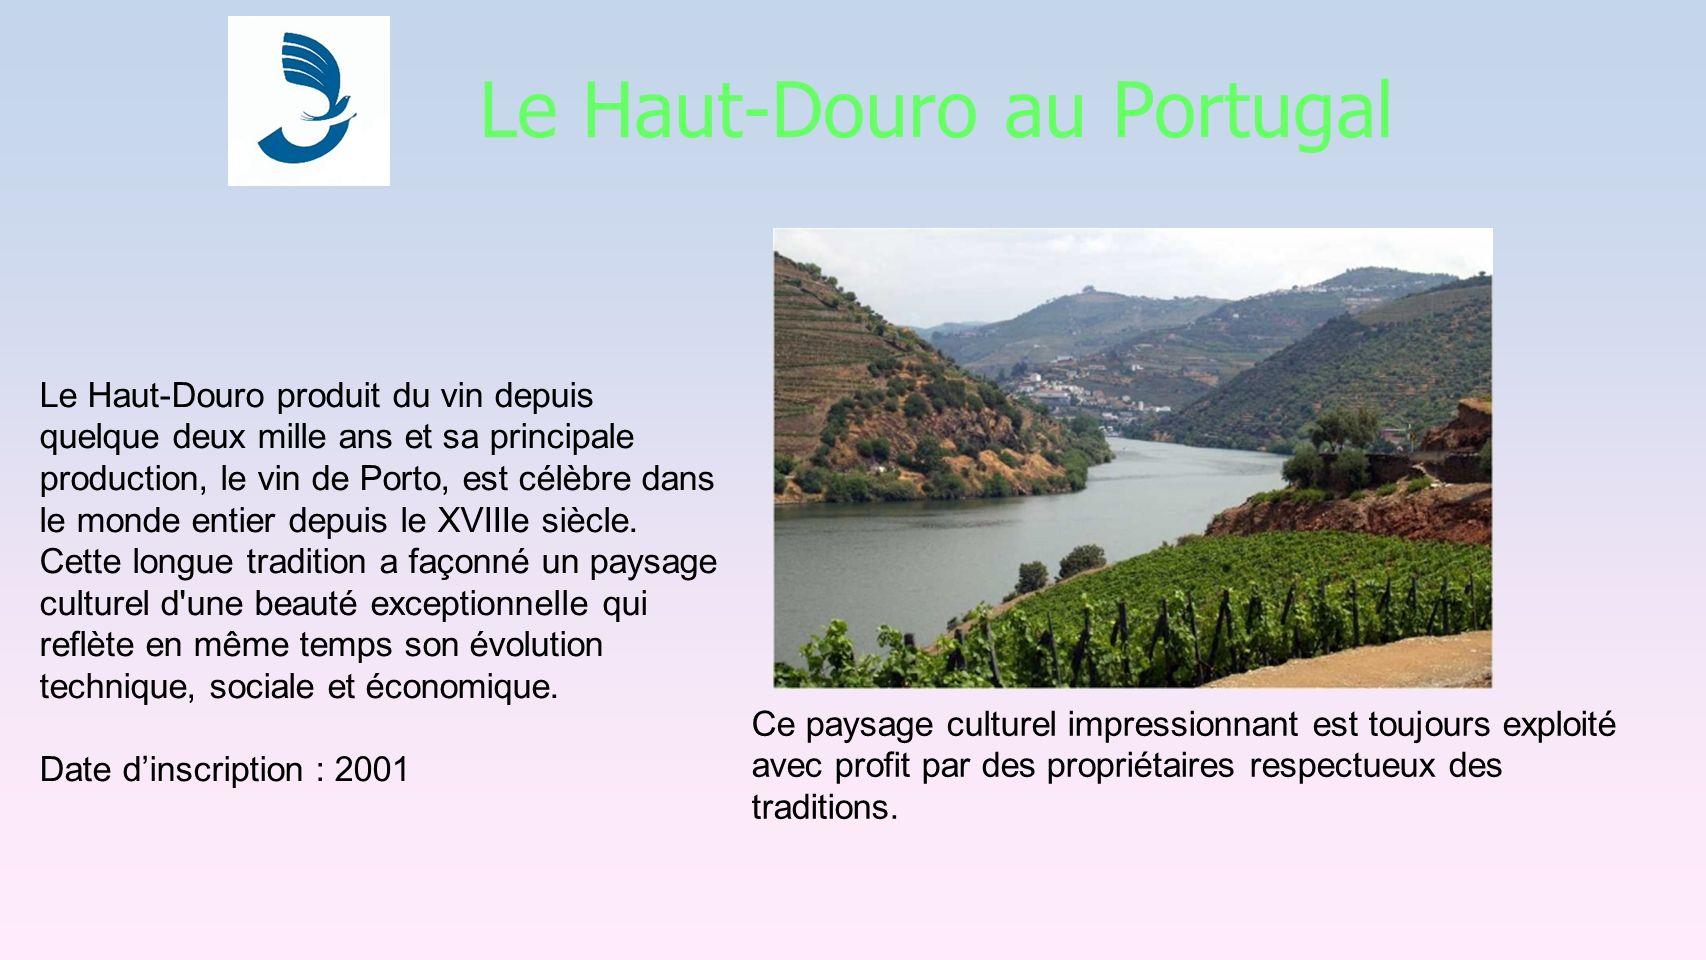 Le Haut-Douro produit du vin depuis quelque deux mille ans et sa principale production, le vin de Porto, est célèbre dans le monde entier depuis le XVIIIe siècle.